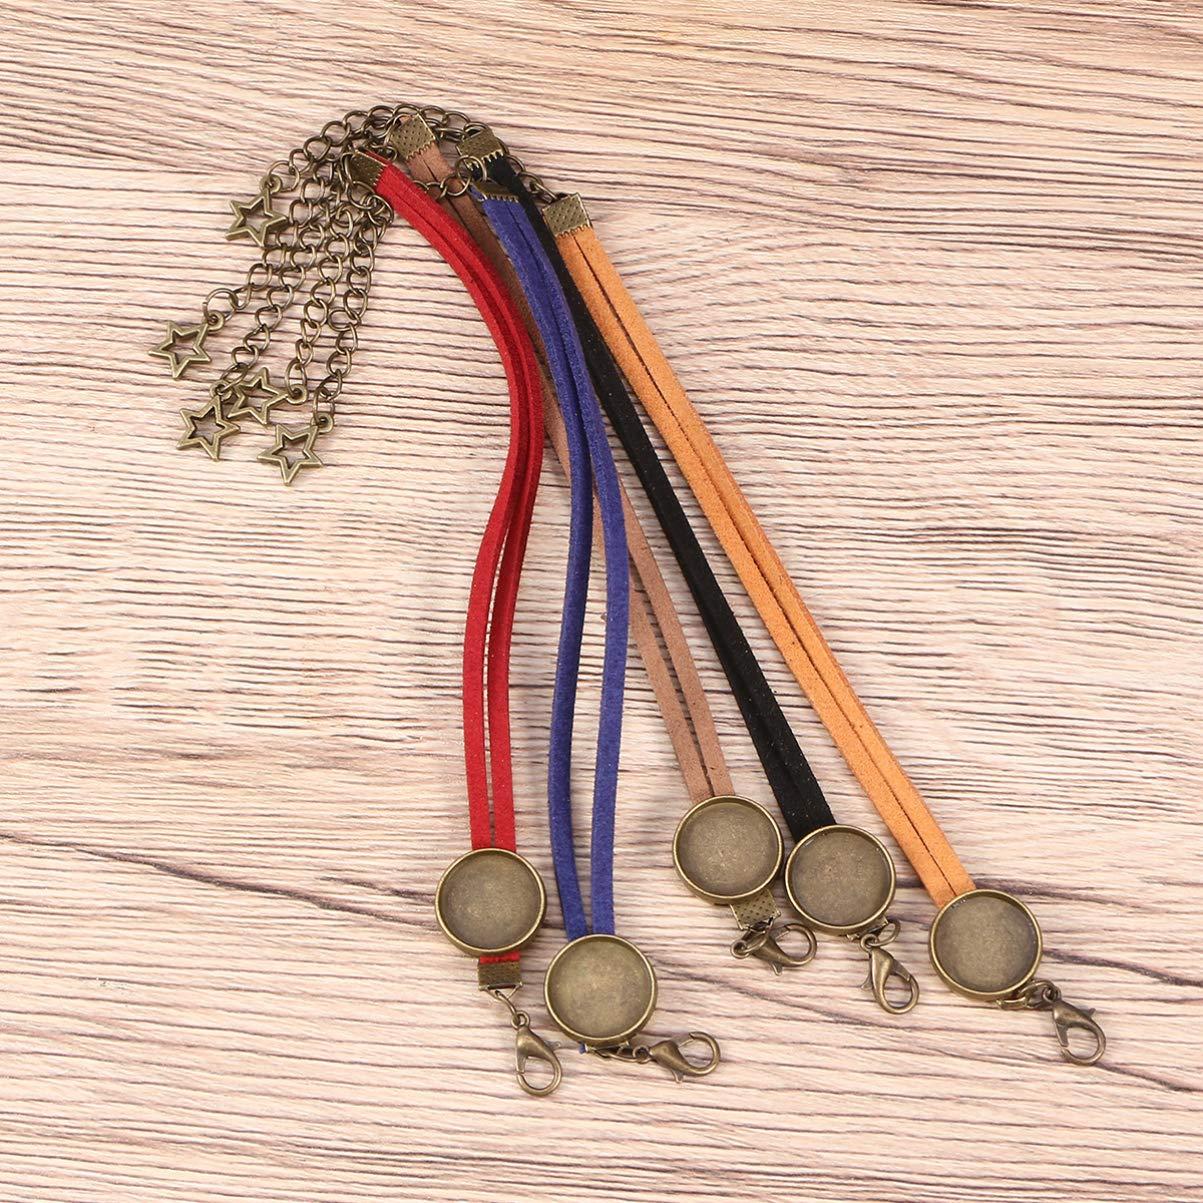 Couleurs m/élang/ées au Hasard Artibetter Bracelet en Cuir Plateau Plateau Bracelet Base Blanche Ajustement 14mm gemmes Rondes de cabochon de Verre pour la Fabrication de Bijoux Paquet de 20